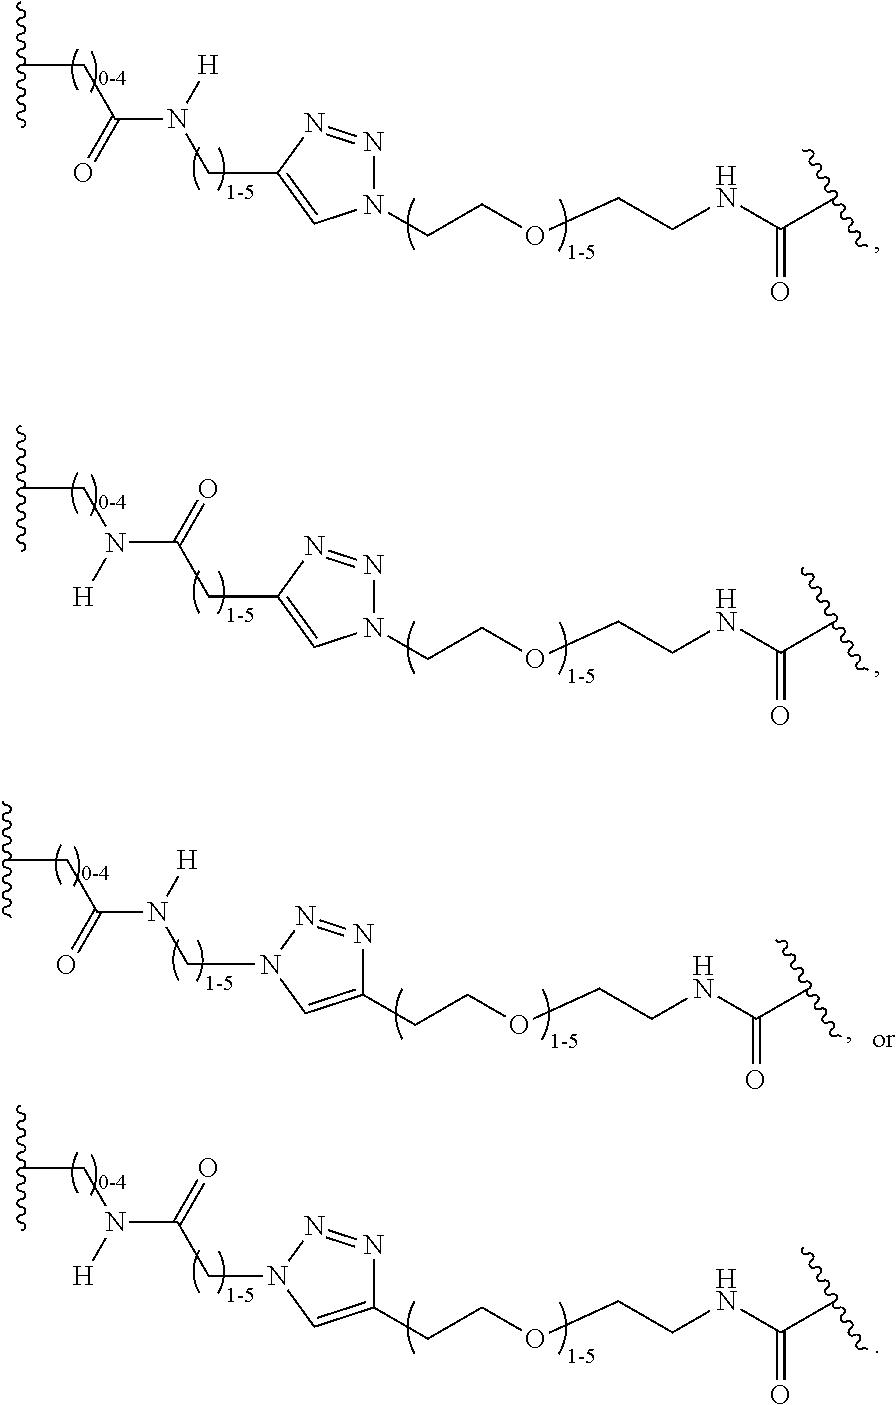 Figure US09902986-20180227-C00021